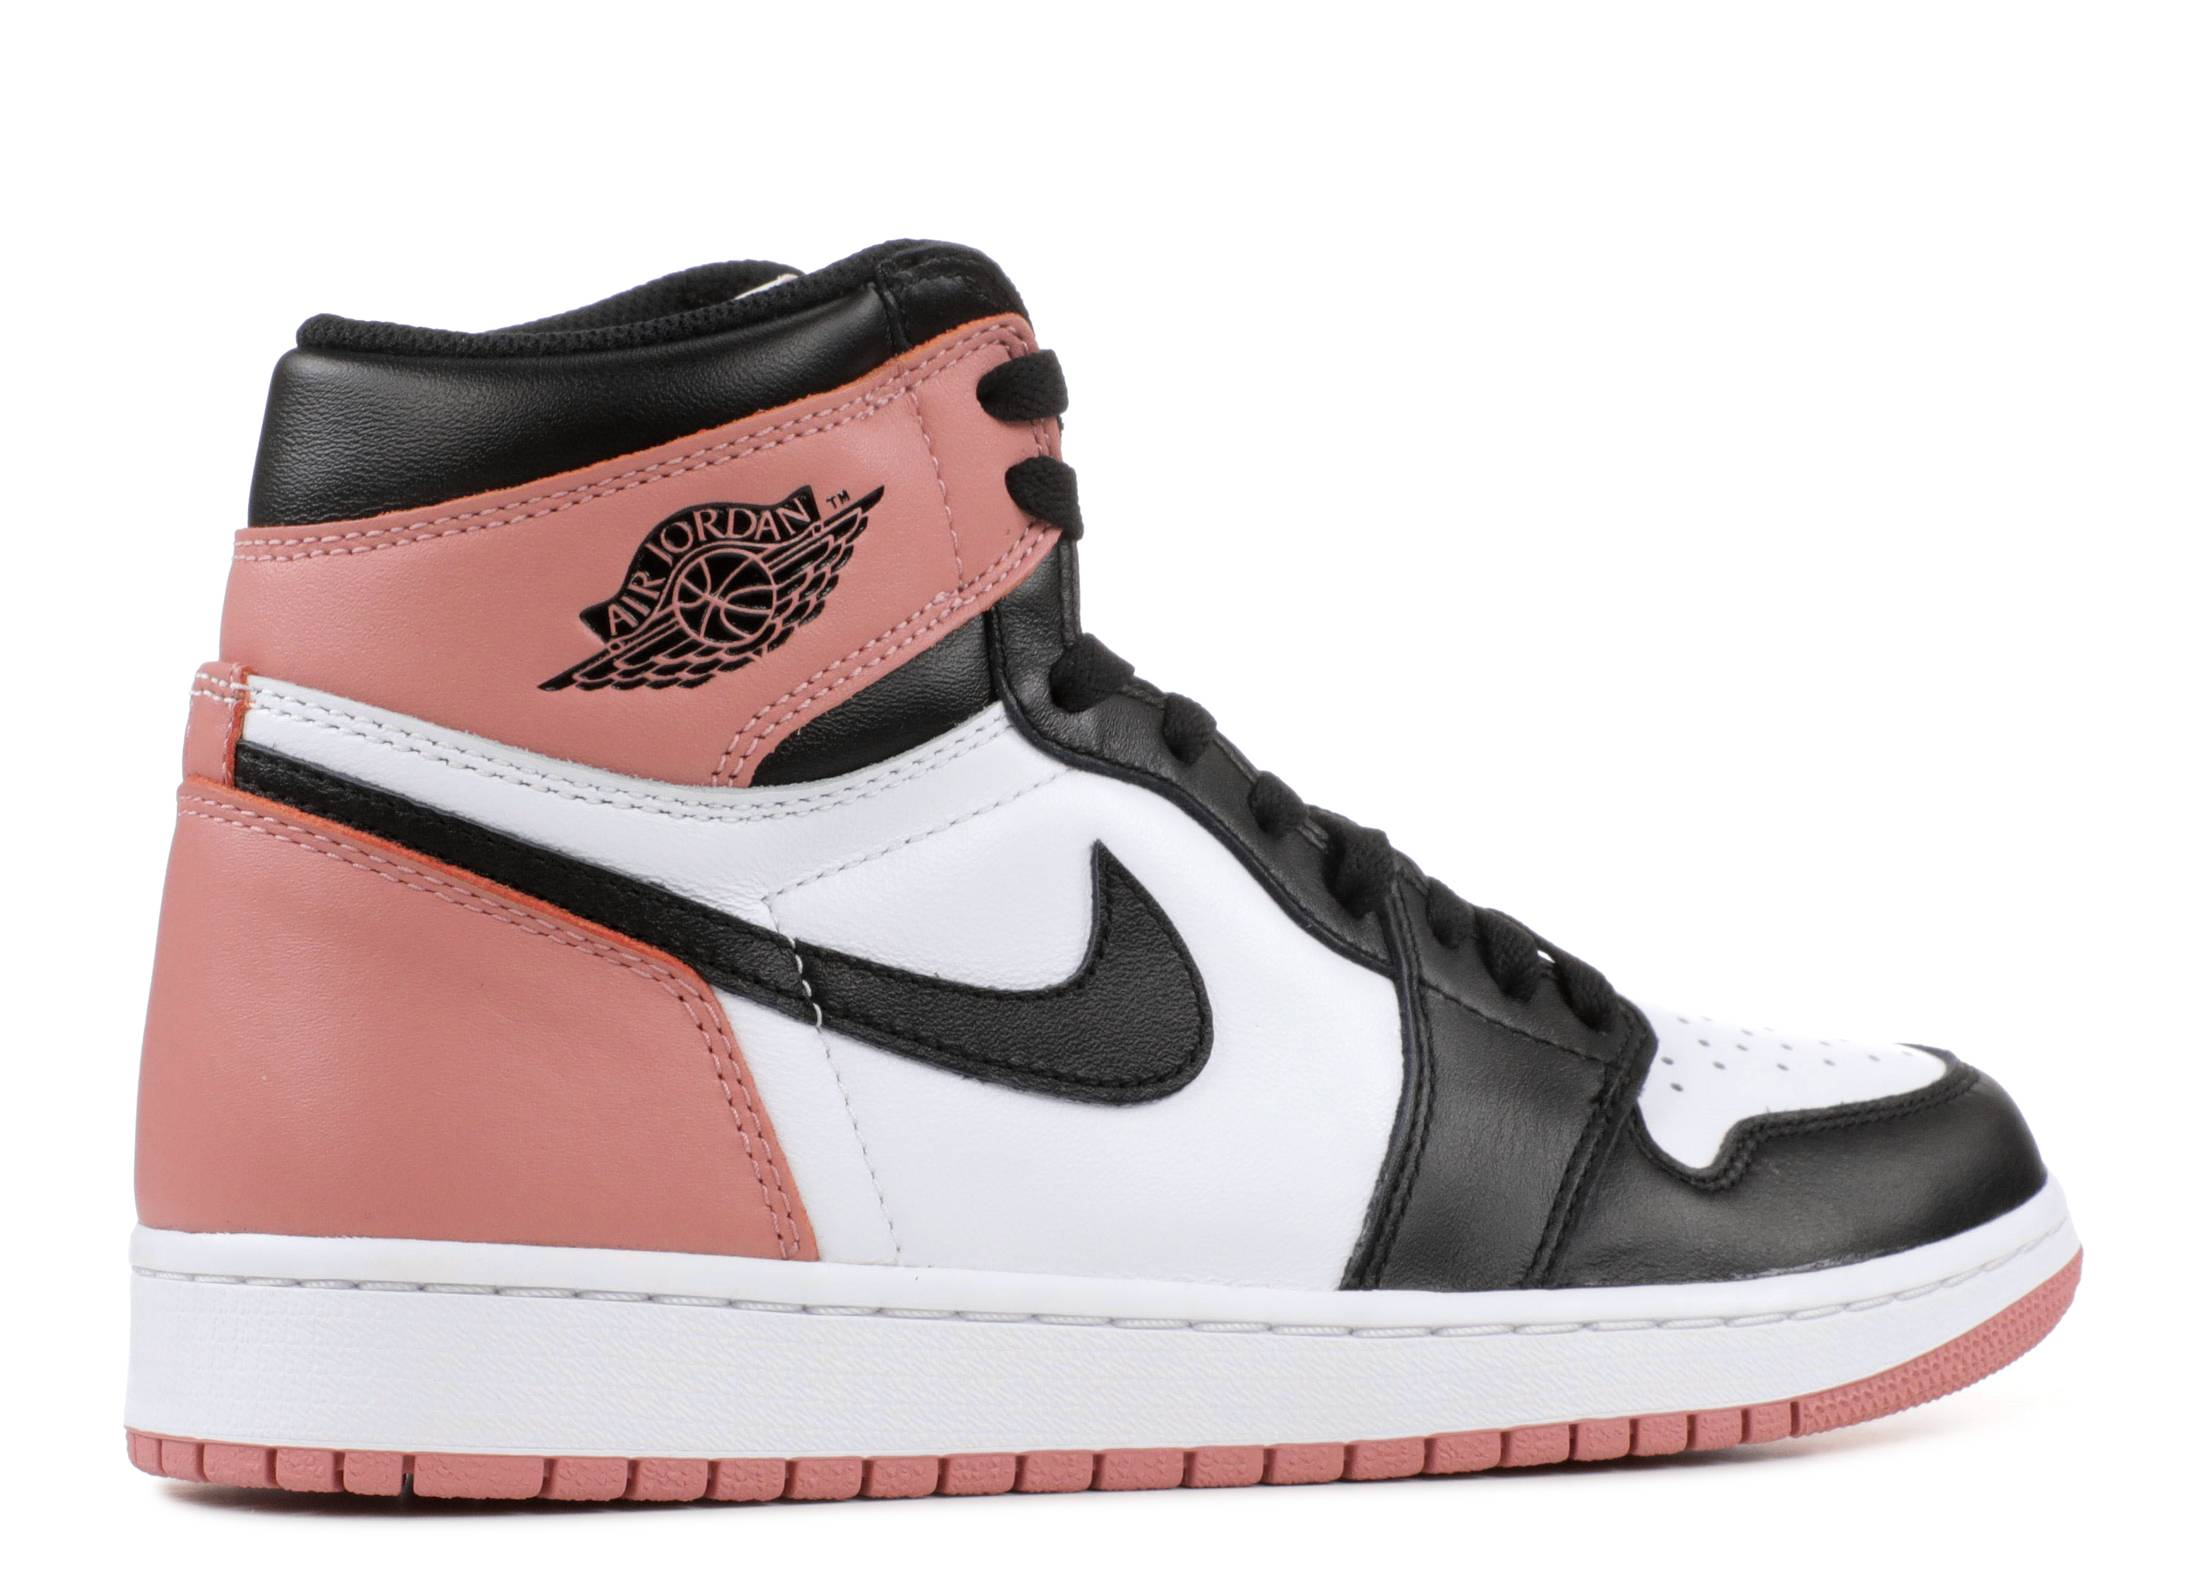 retro high OG Nrg Rust Pink 861428-101